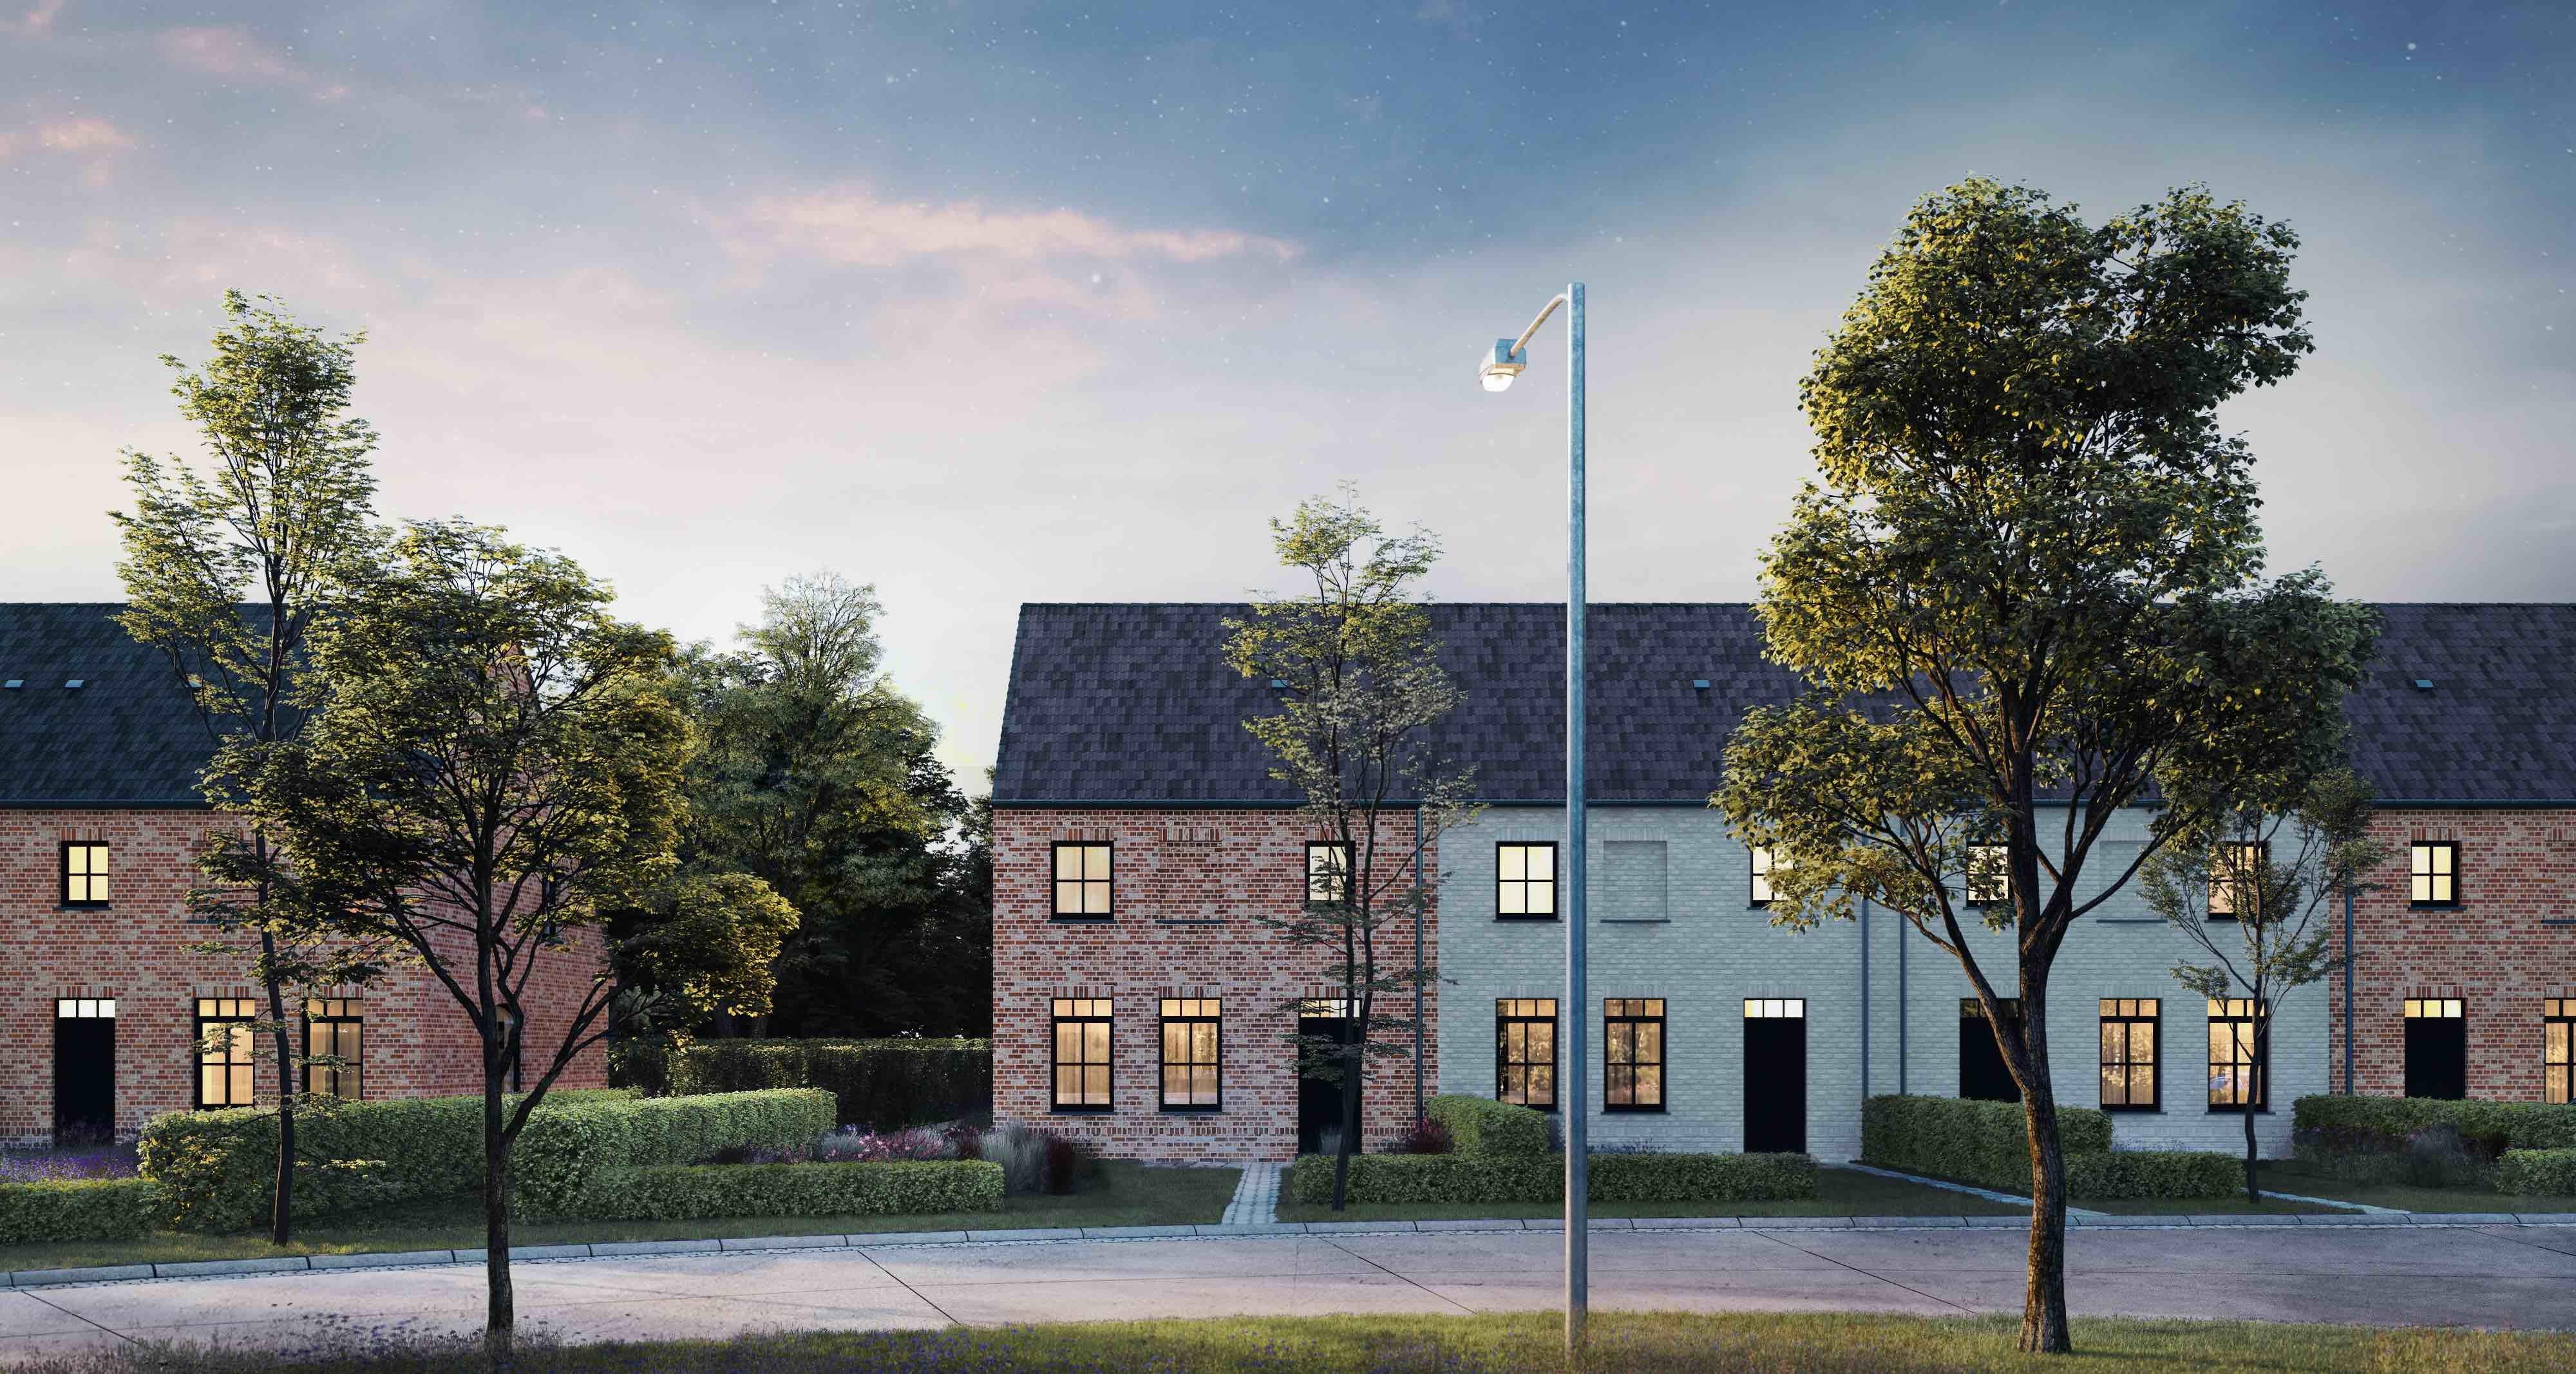 Bewoners nieuwbouwproject Ombeekhof krijgen tips voor klimaatvriendelijke voortuin